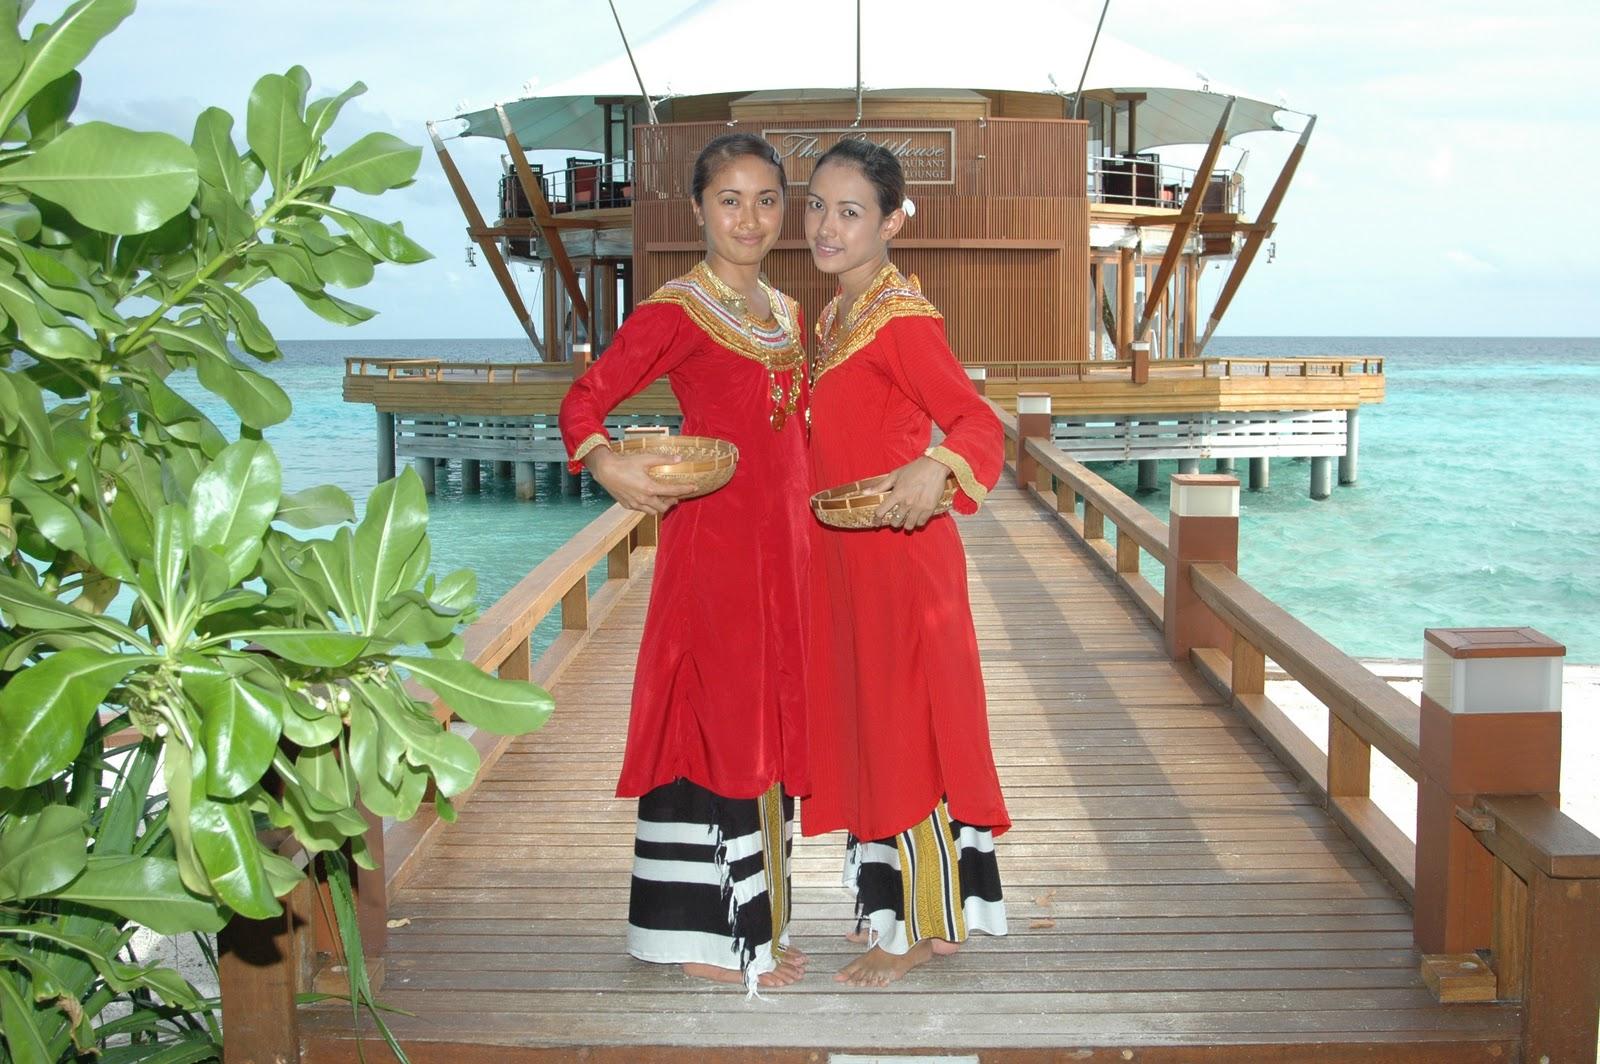 Wear it with &;mundu&; (sarong in maldivian languange)